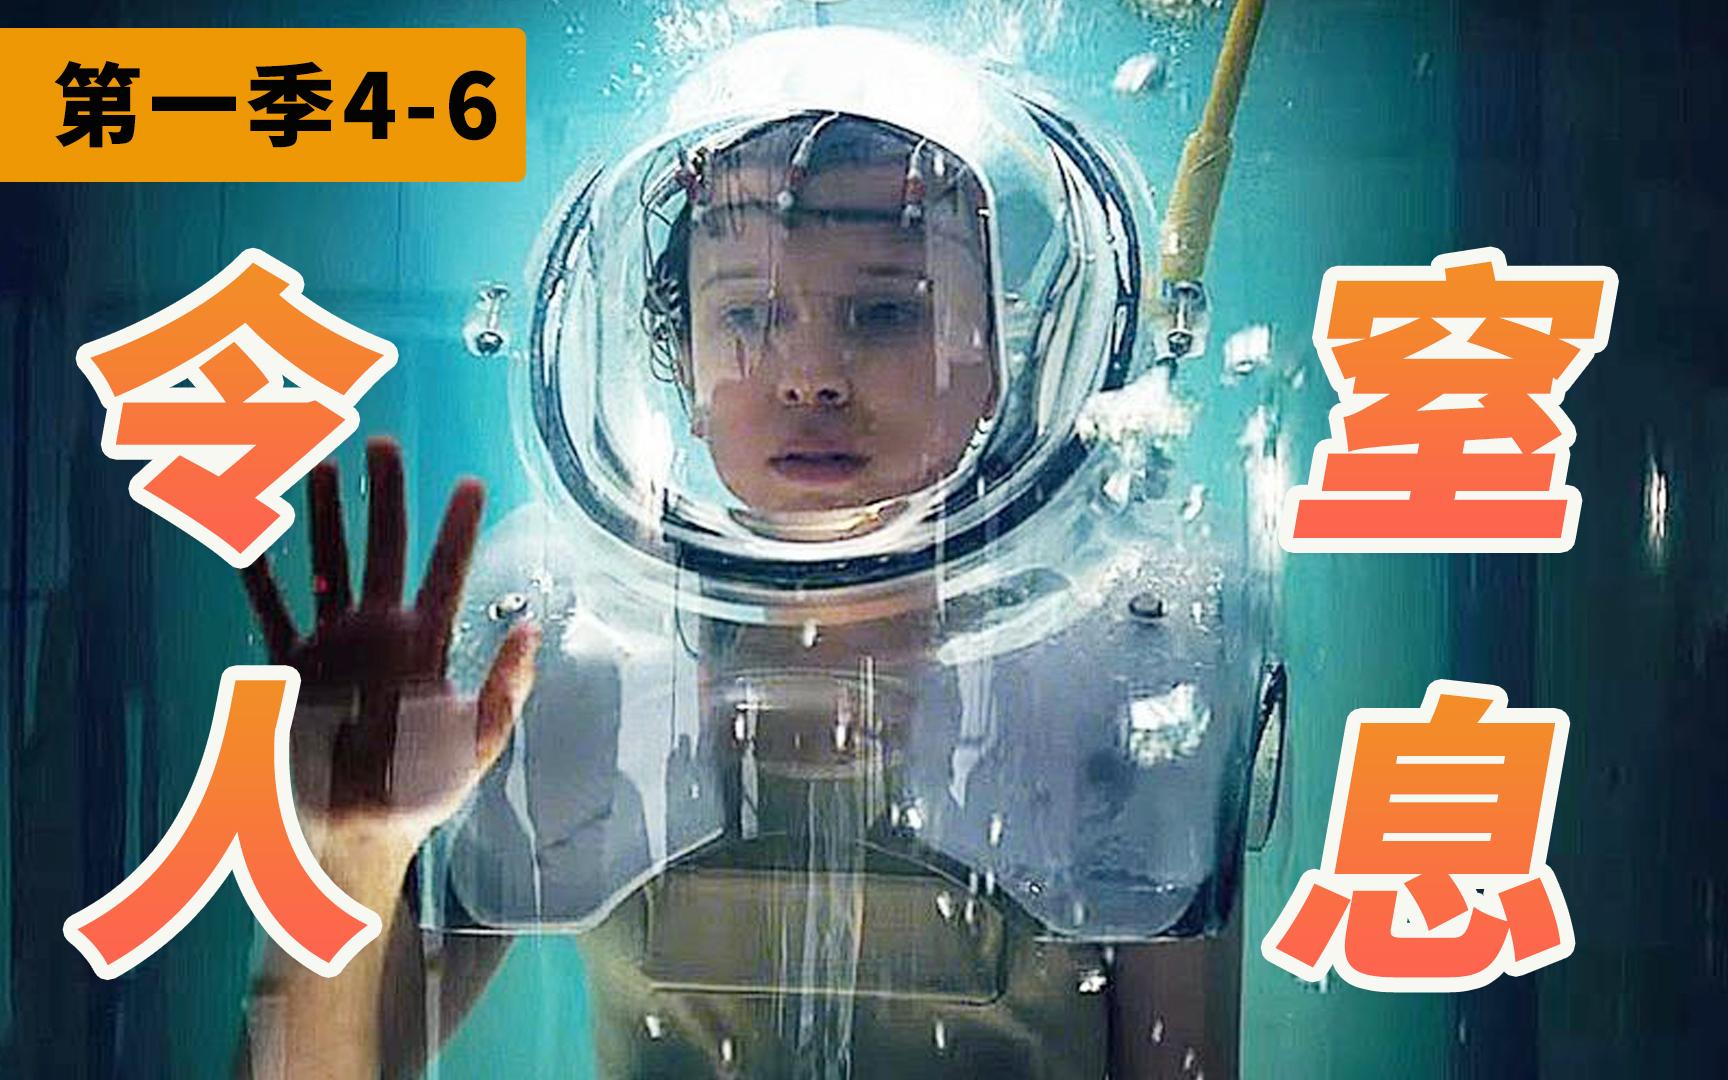 【阿斗】离奇失踪案揭开惊天大秘密!无脸怪物竟来自逆世界?高分美剧《怪奇物语》第一季4-6